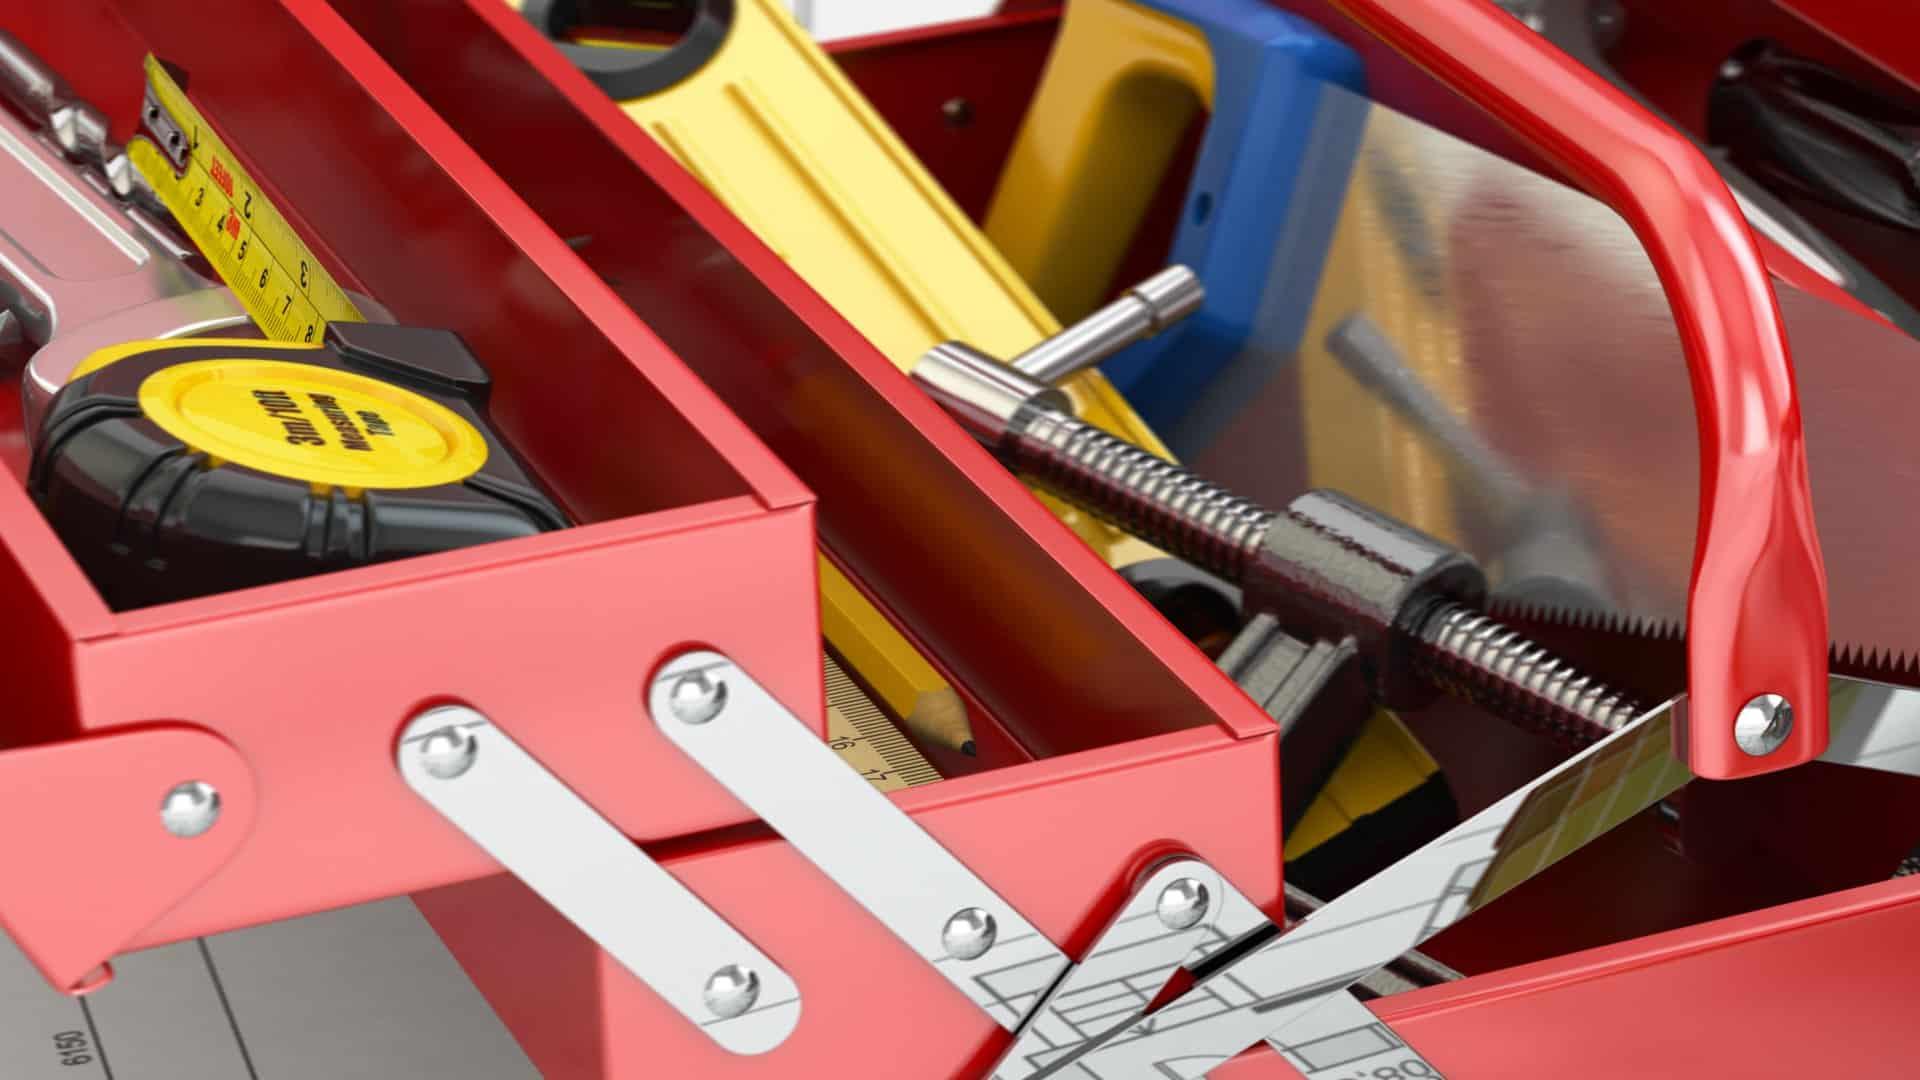 Cajas de herramientas: ¿Cuáles son las mejores del 2020?